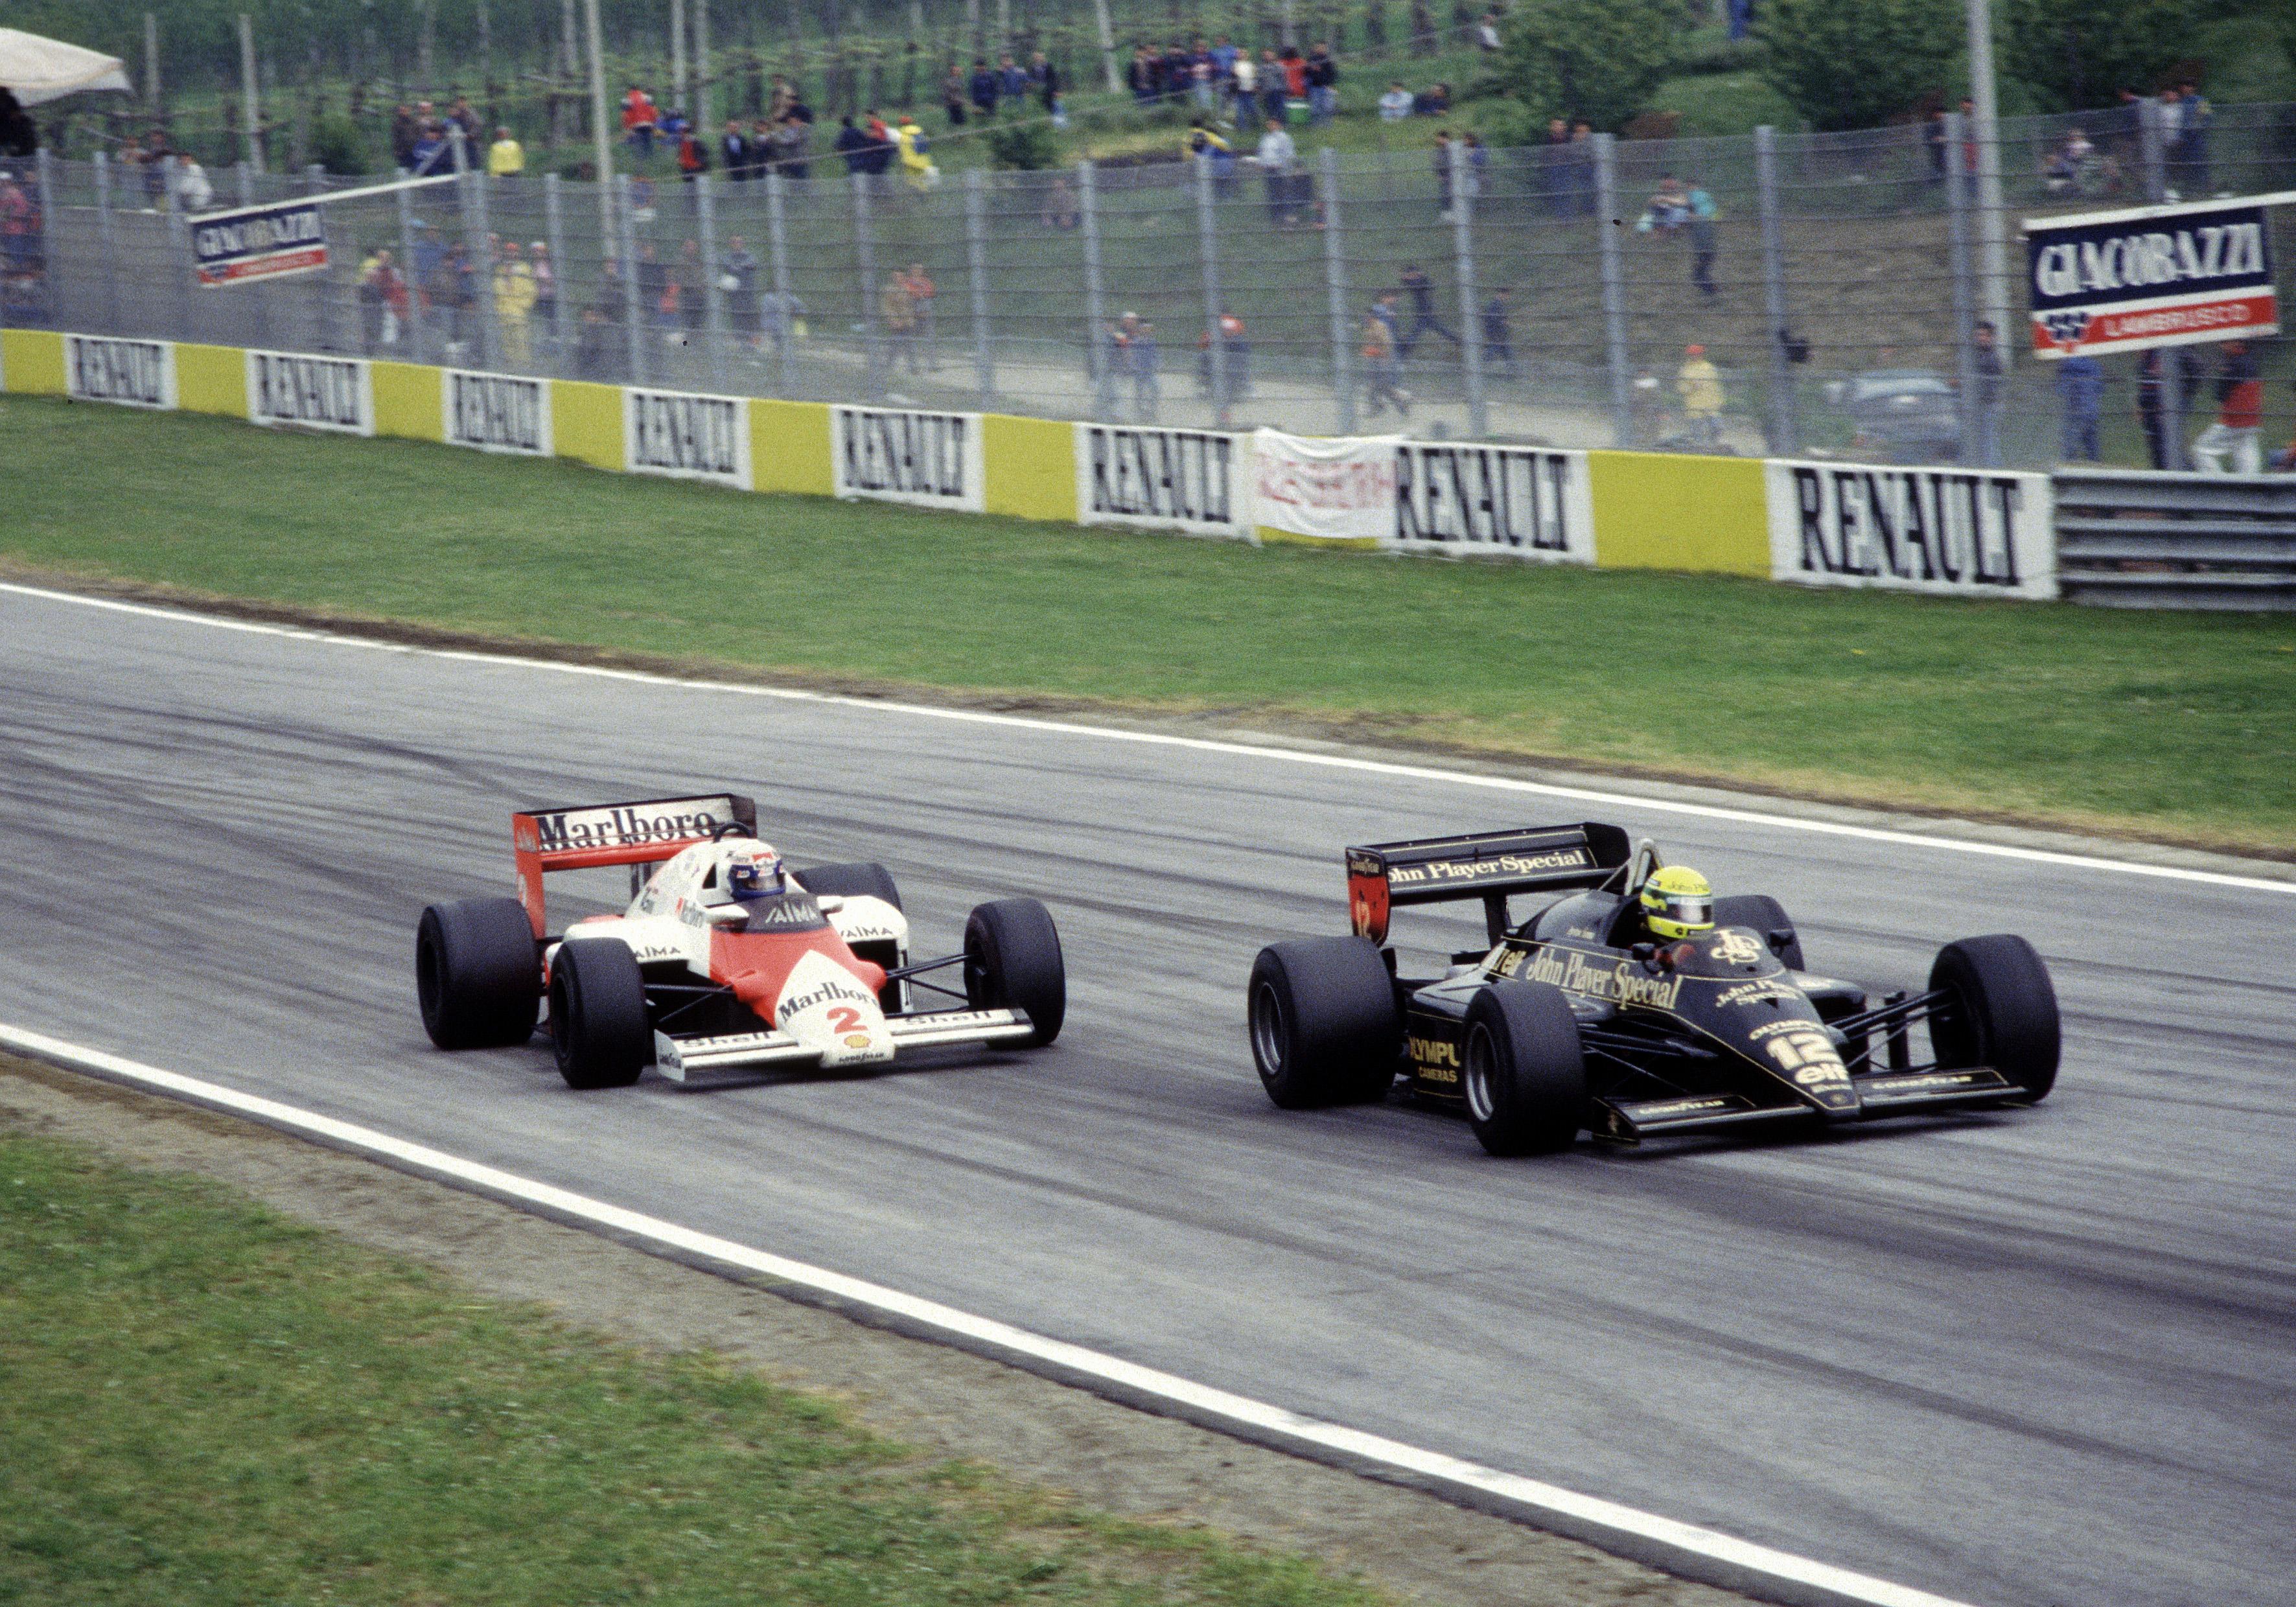 Ayrton Senna Lotus Alain Prost McLaren Imola 1985